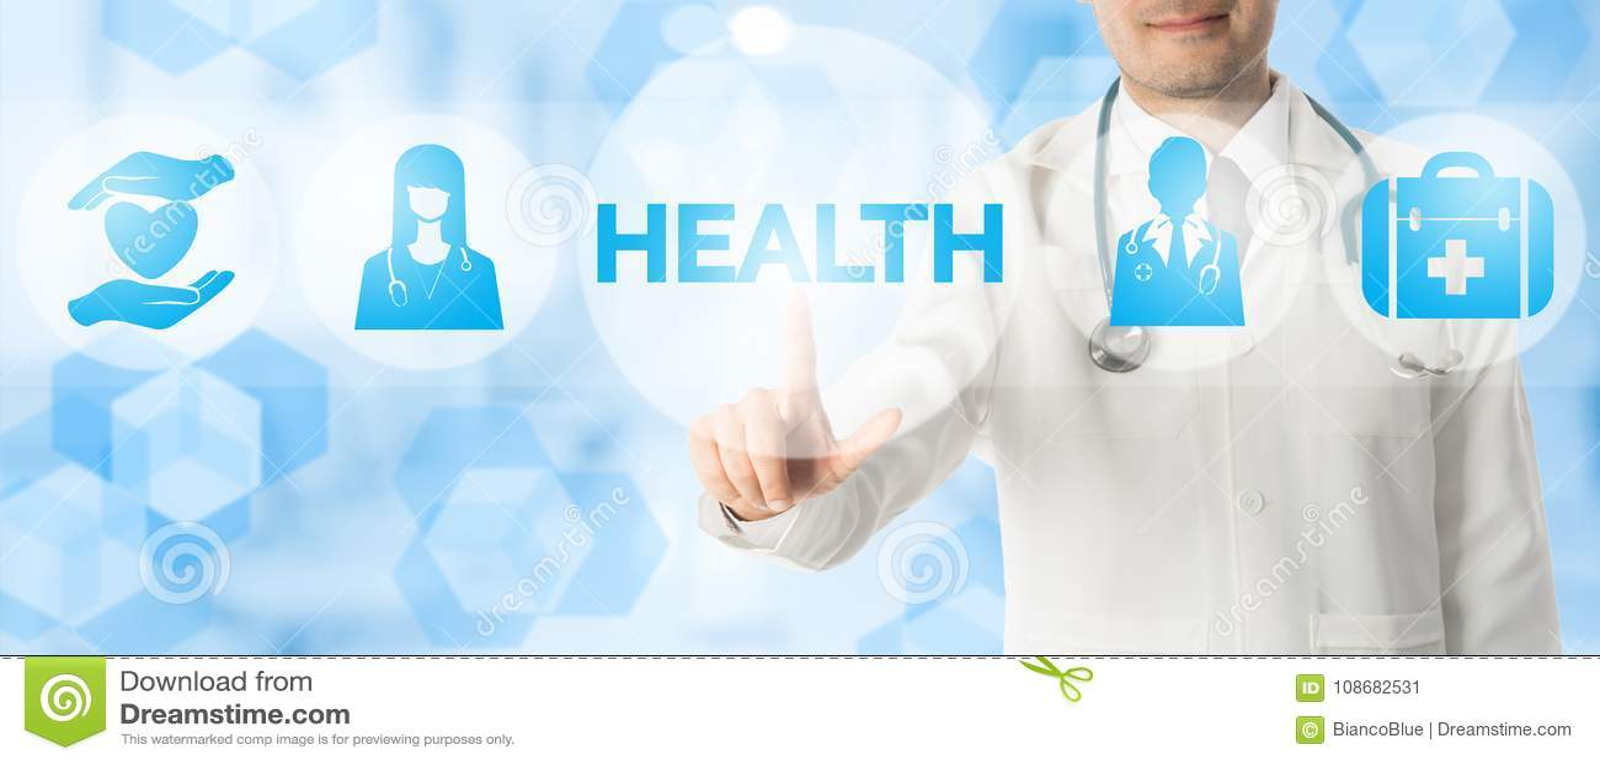 Doutor Points na SAÚDE com ícones médicos